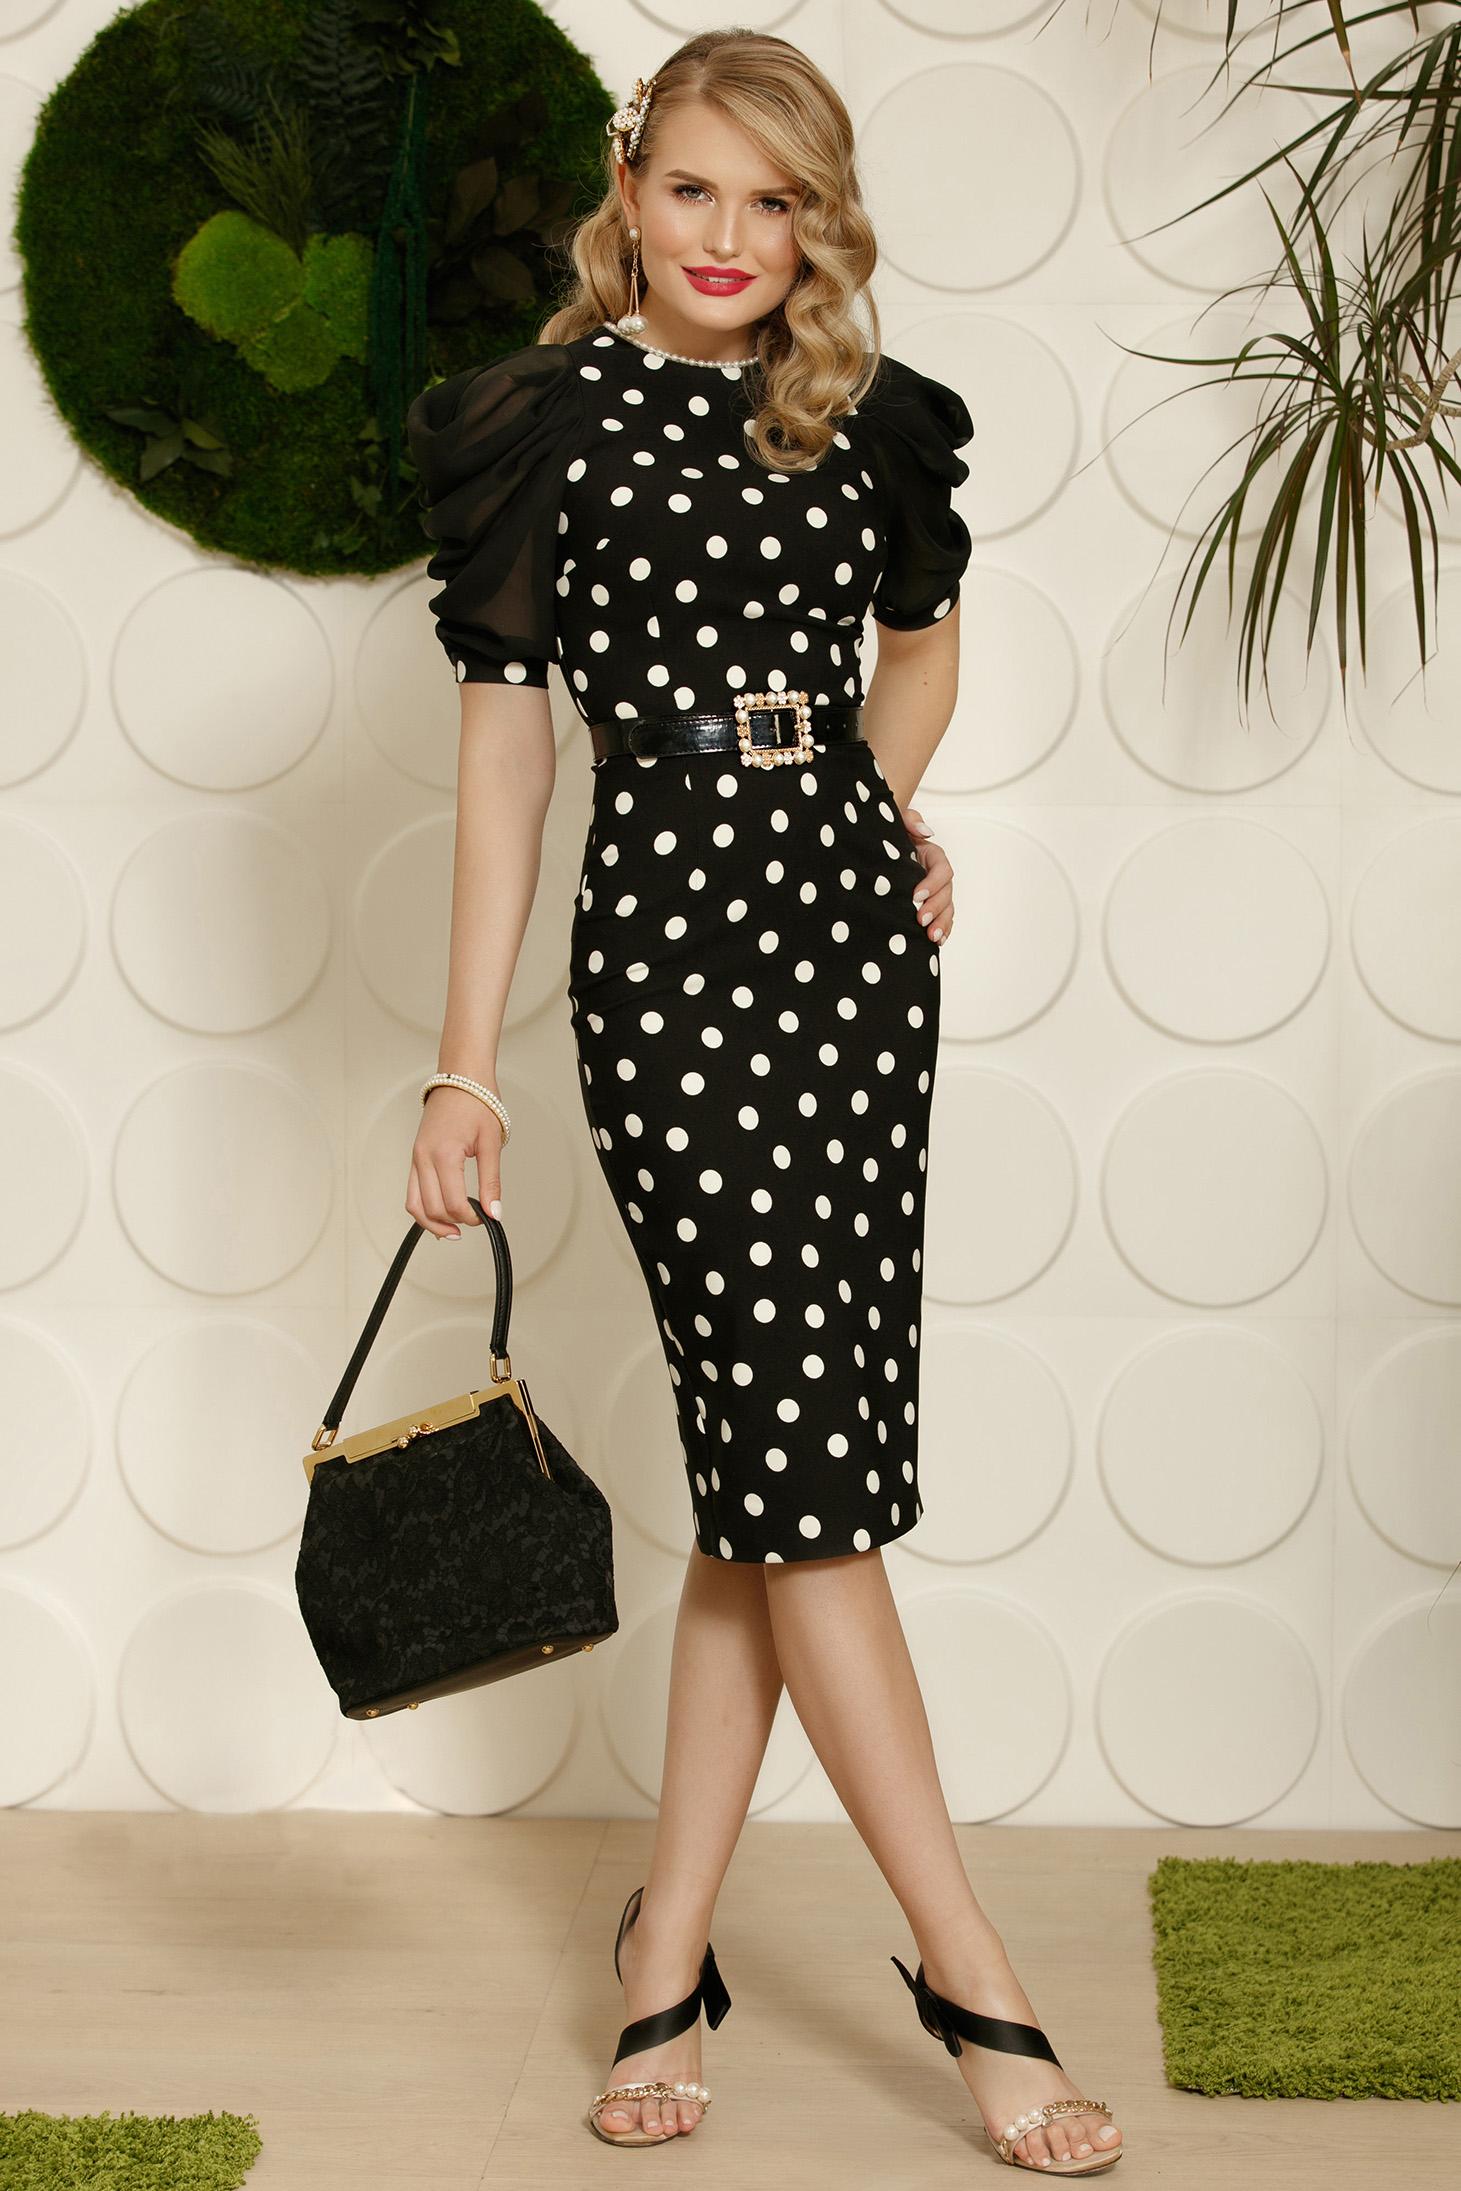 Rochie PrettyGirl neagra midi eleganta tip creion cu aplicatii cu perle accesorizata cu cordon